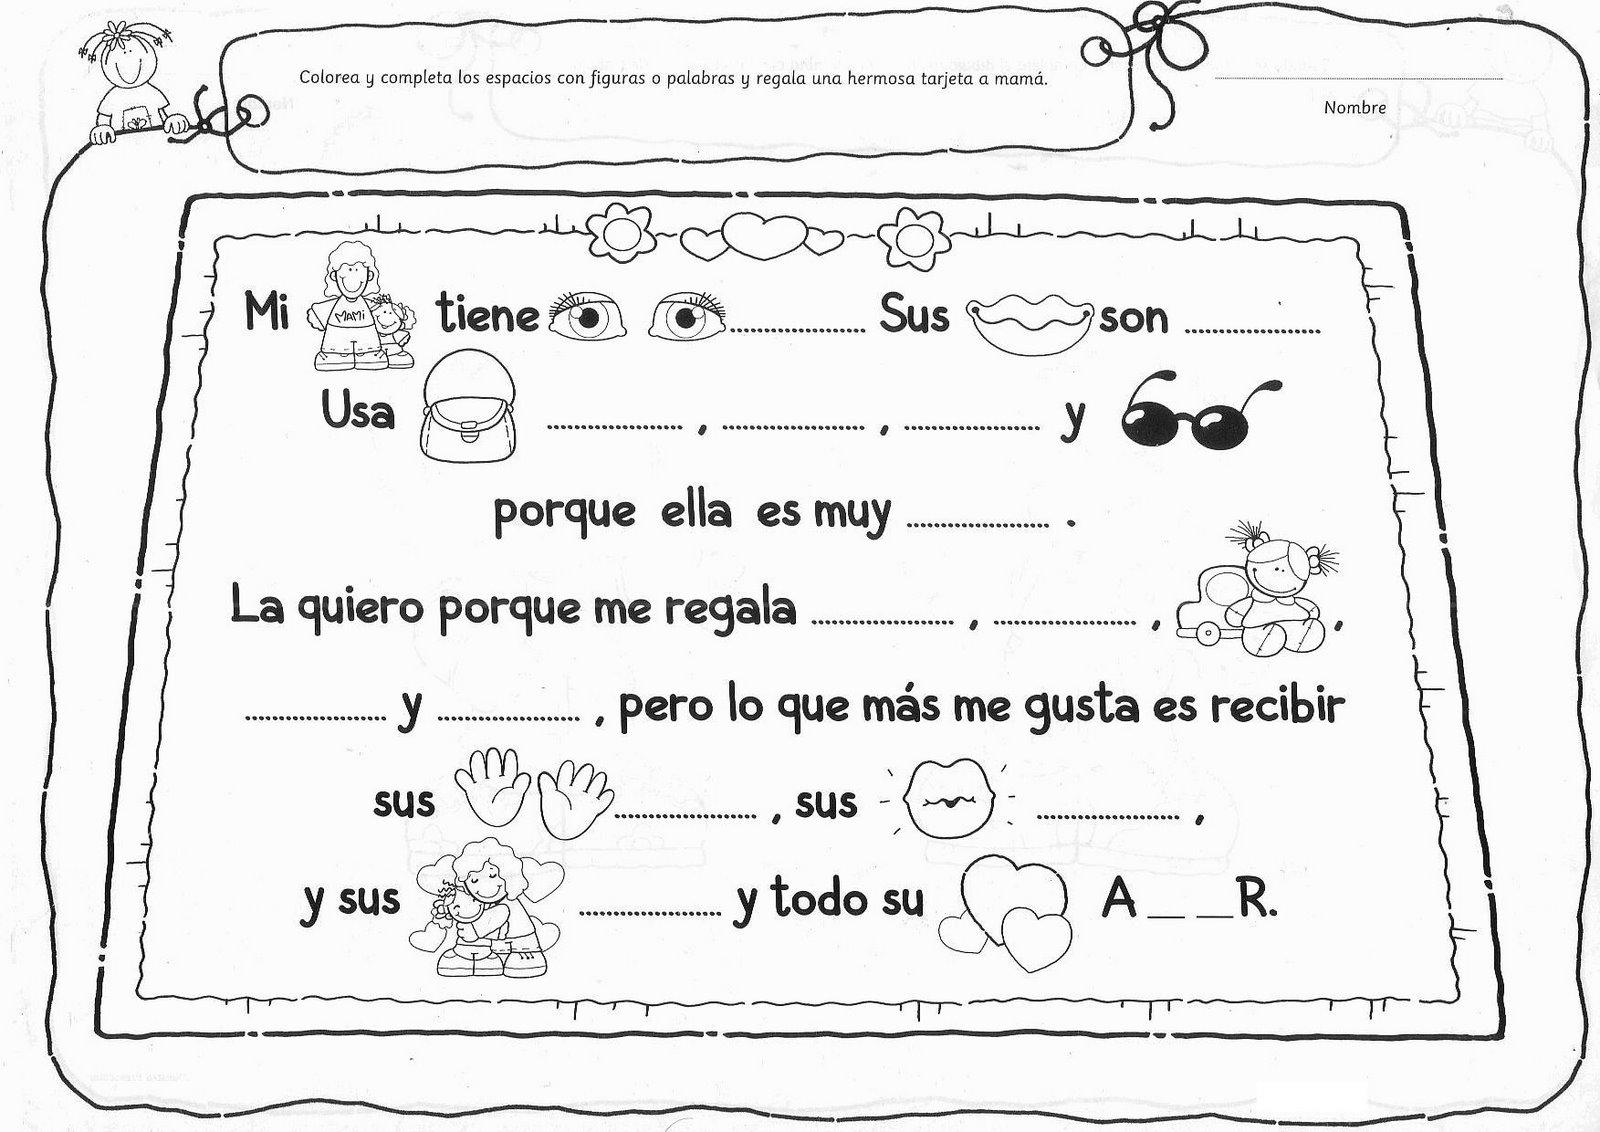 El rincon de la infancia: ♥ Indios (Dibujos para pintar)♥